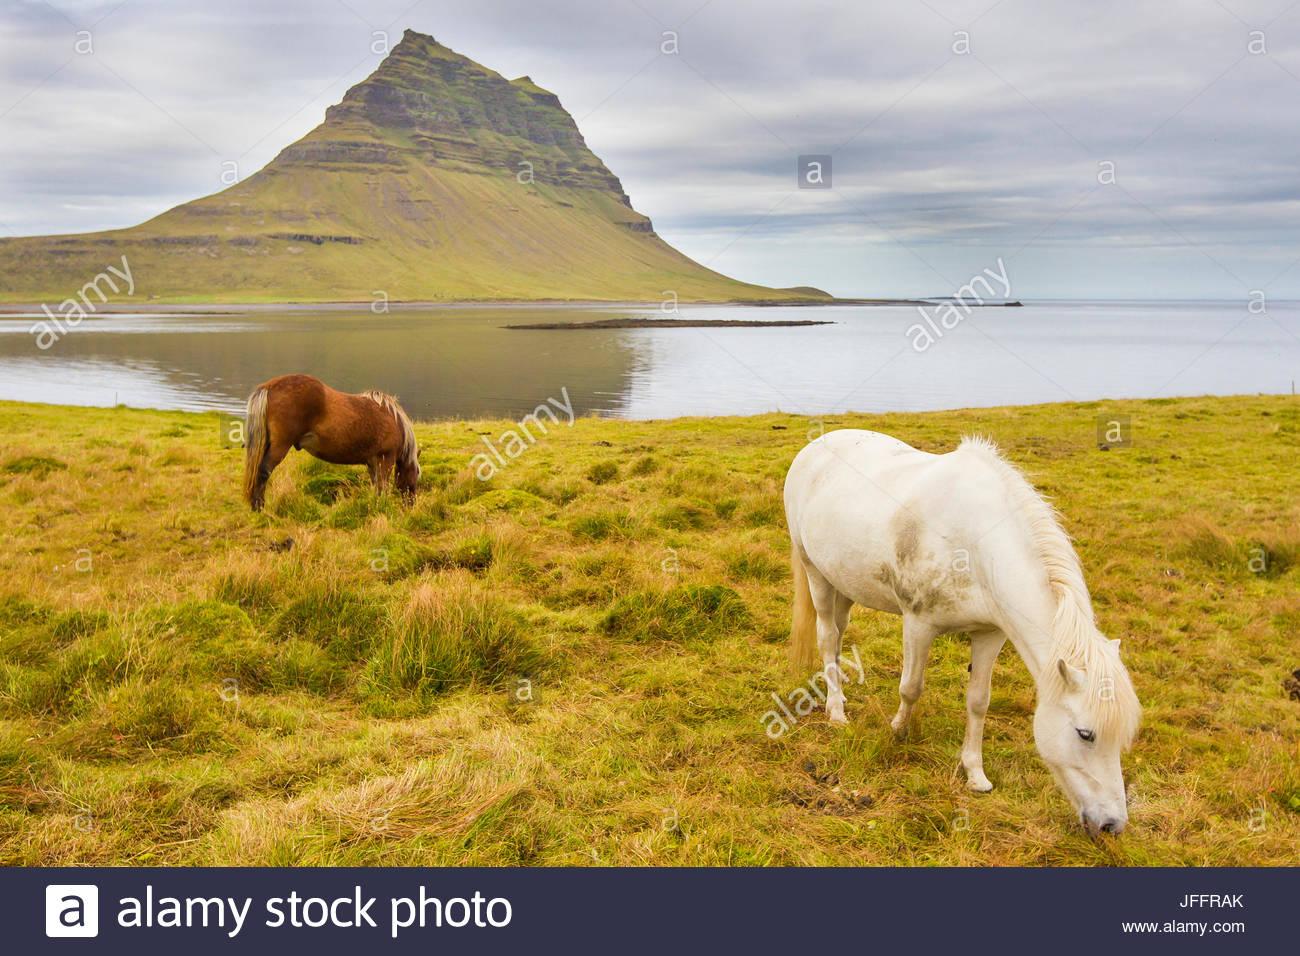 Pferde grasen auf einer Wiese in der Nähe von Berg Kirkjufell an Islands Küste. Stockbild